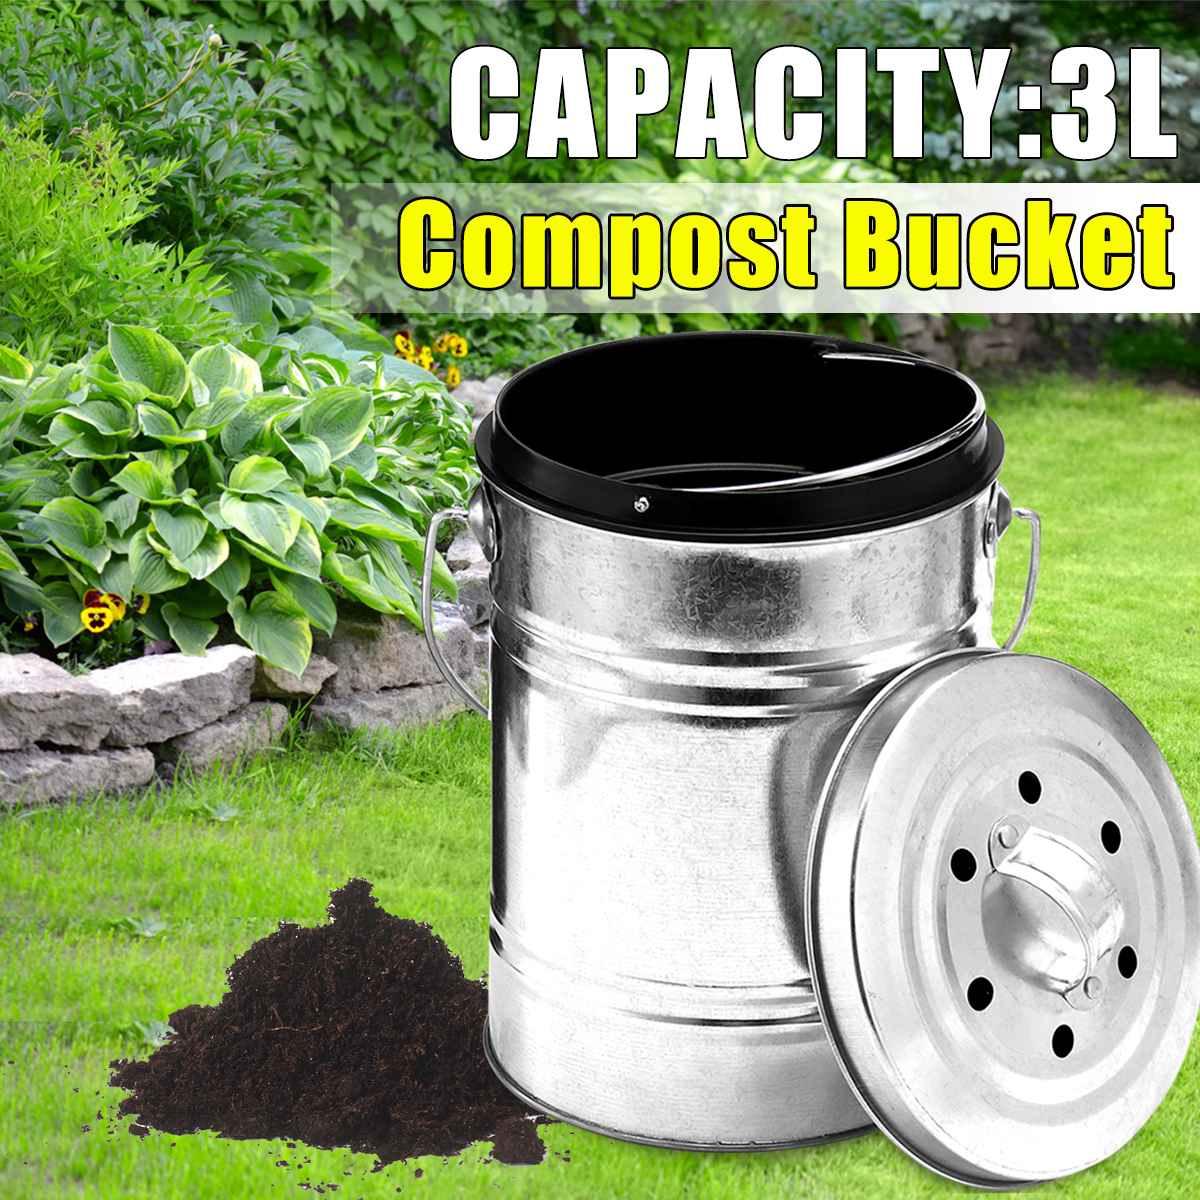 3L Cubo de Compost de cocina, Cubo de Compost al aire libre cubo para abono de encimera sin olor de interior filtro de carbón negro Cubo de reciclaje Pail